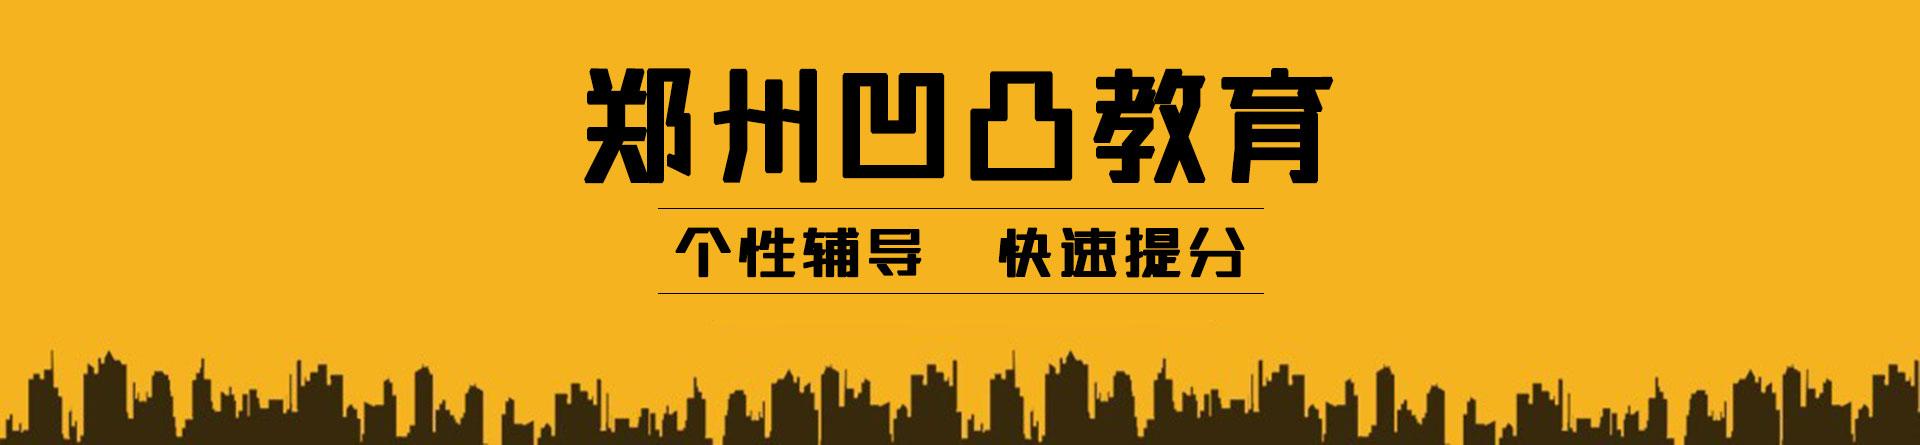 郑州凹凸教育